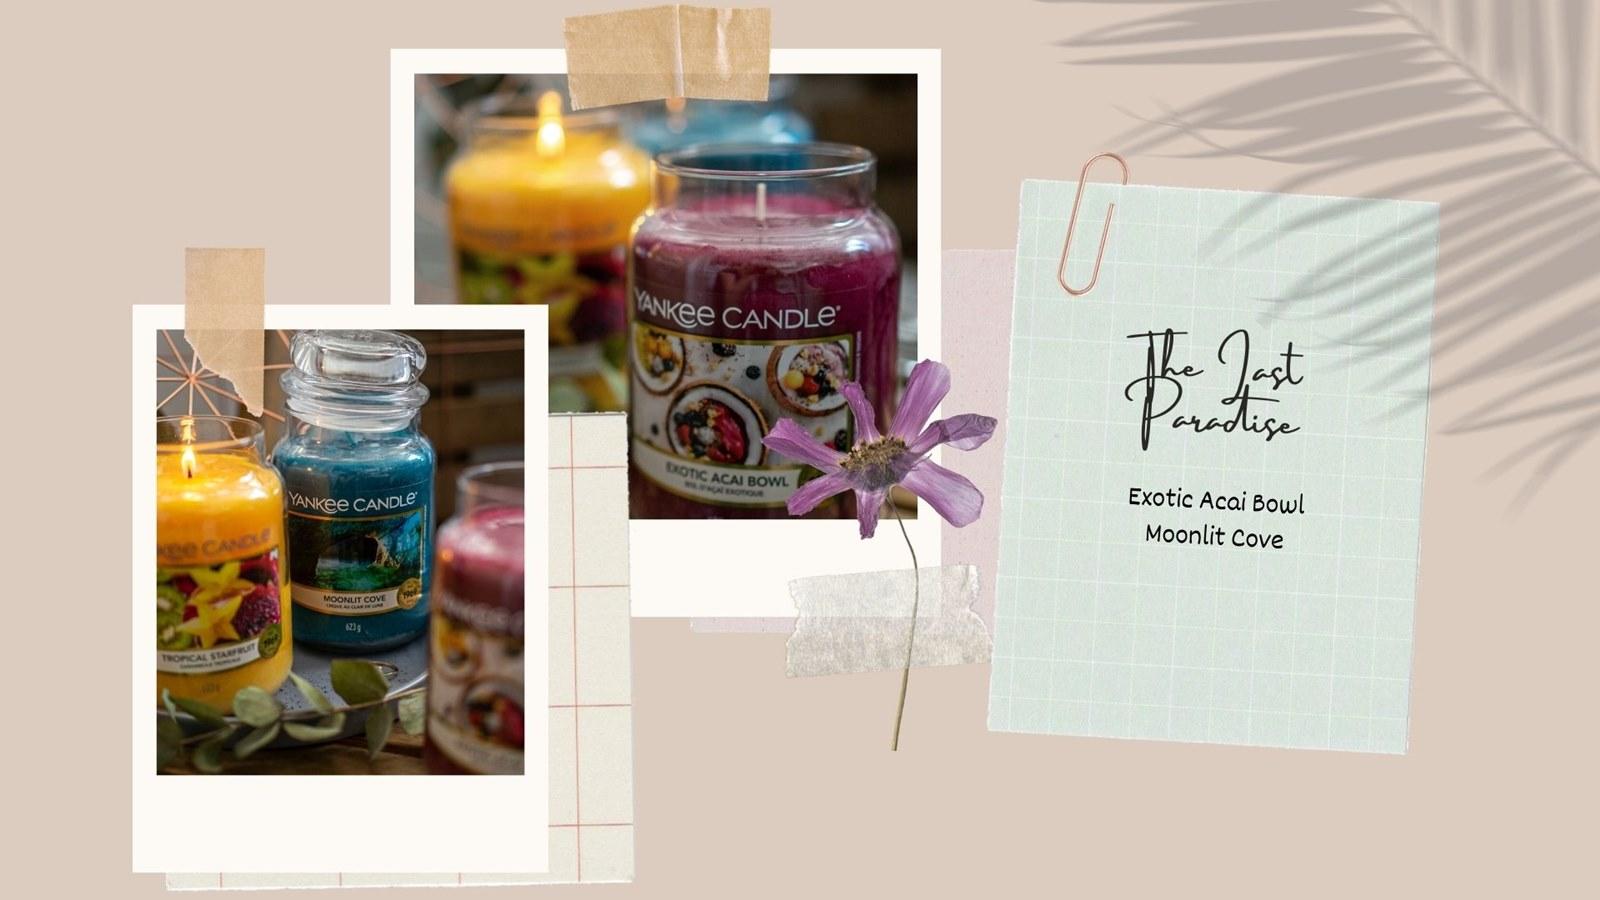 3 Gdzie kupić świece zapachowe w słoikach Yankee Candle do sypialni i do salonu Jak palić świece zapachowe w szkle 6 zasad o których musisz pamiętać!